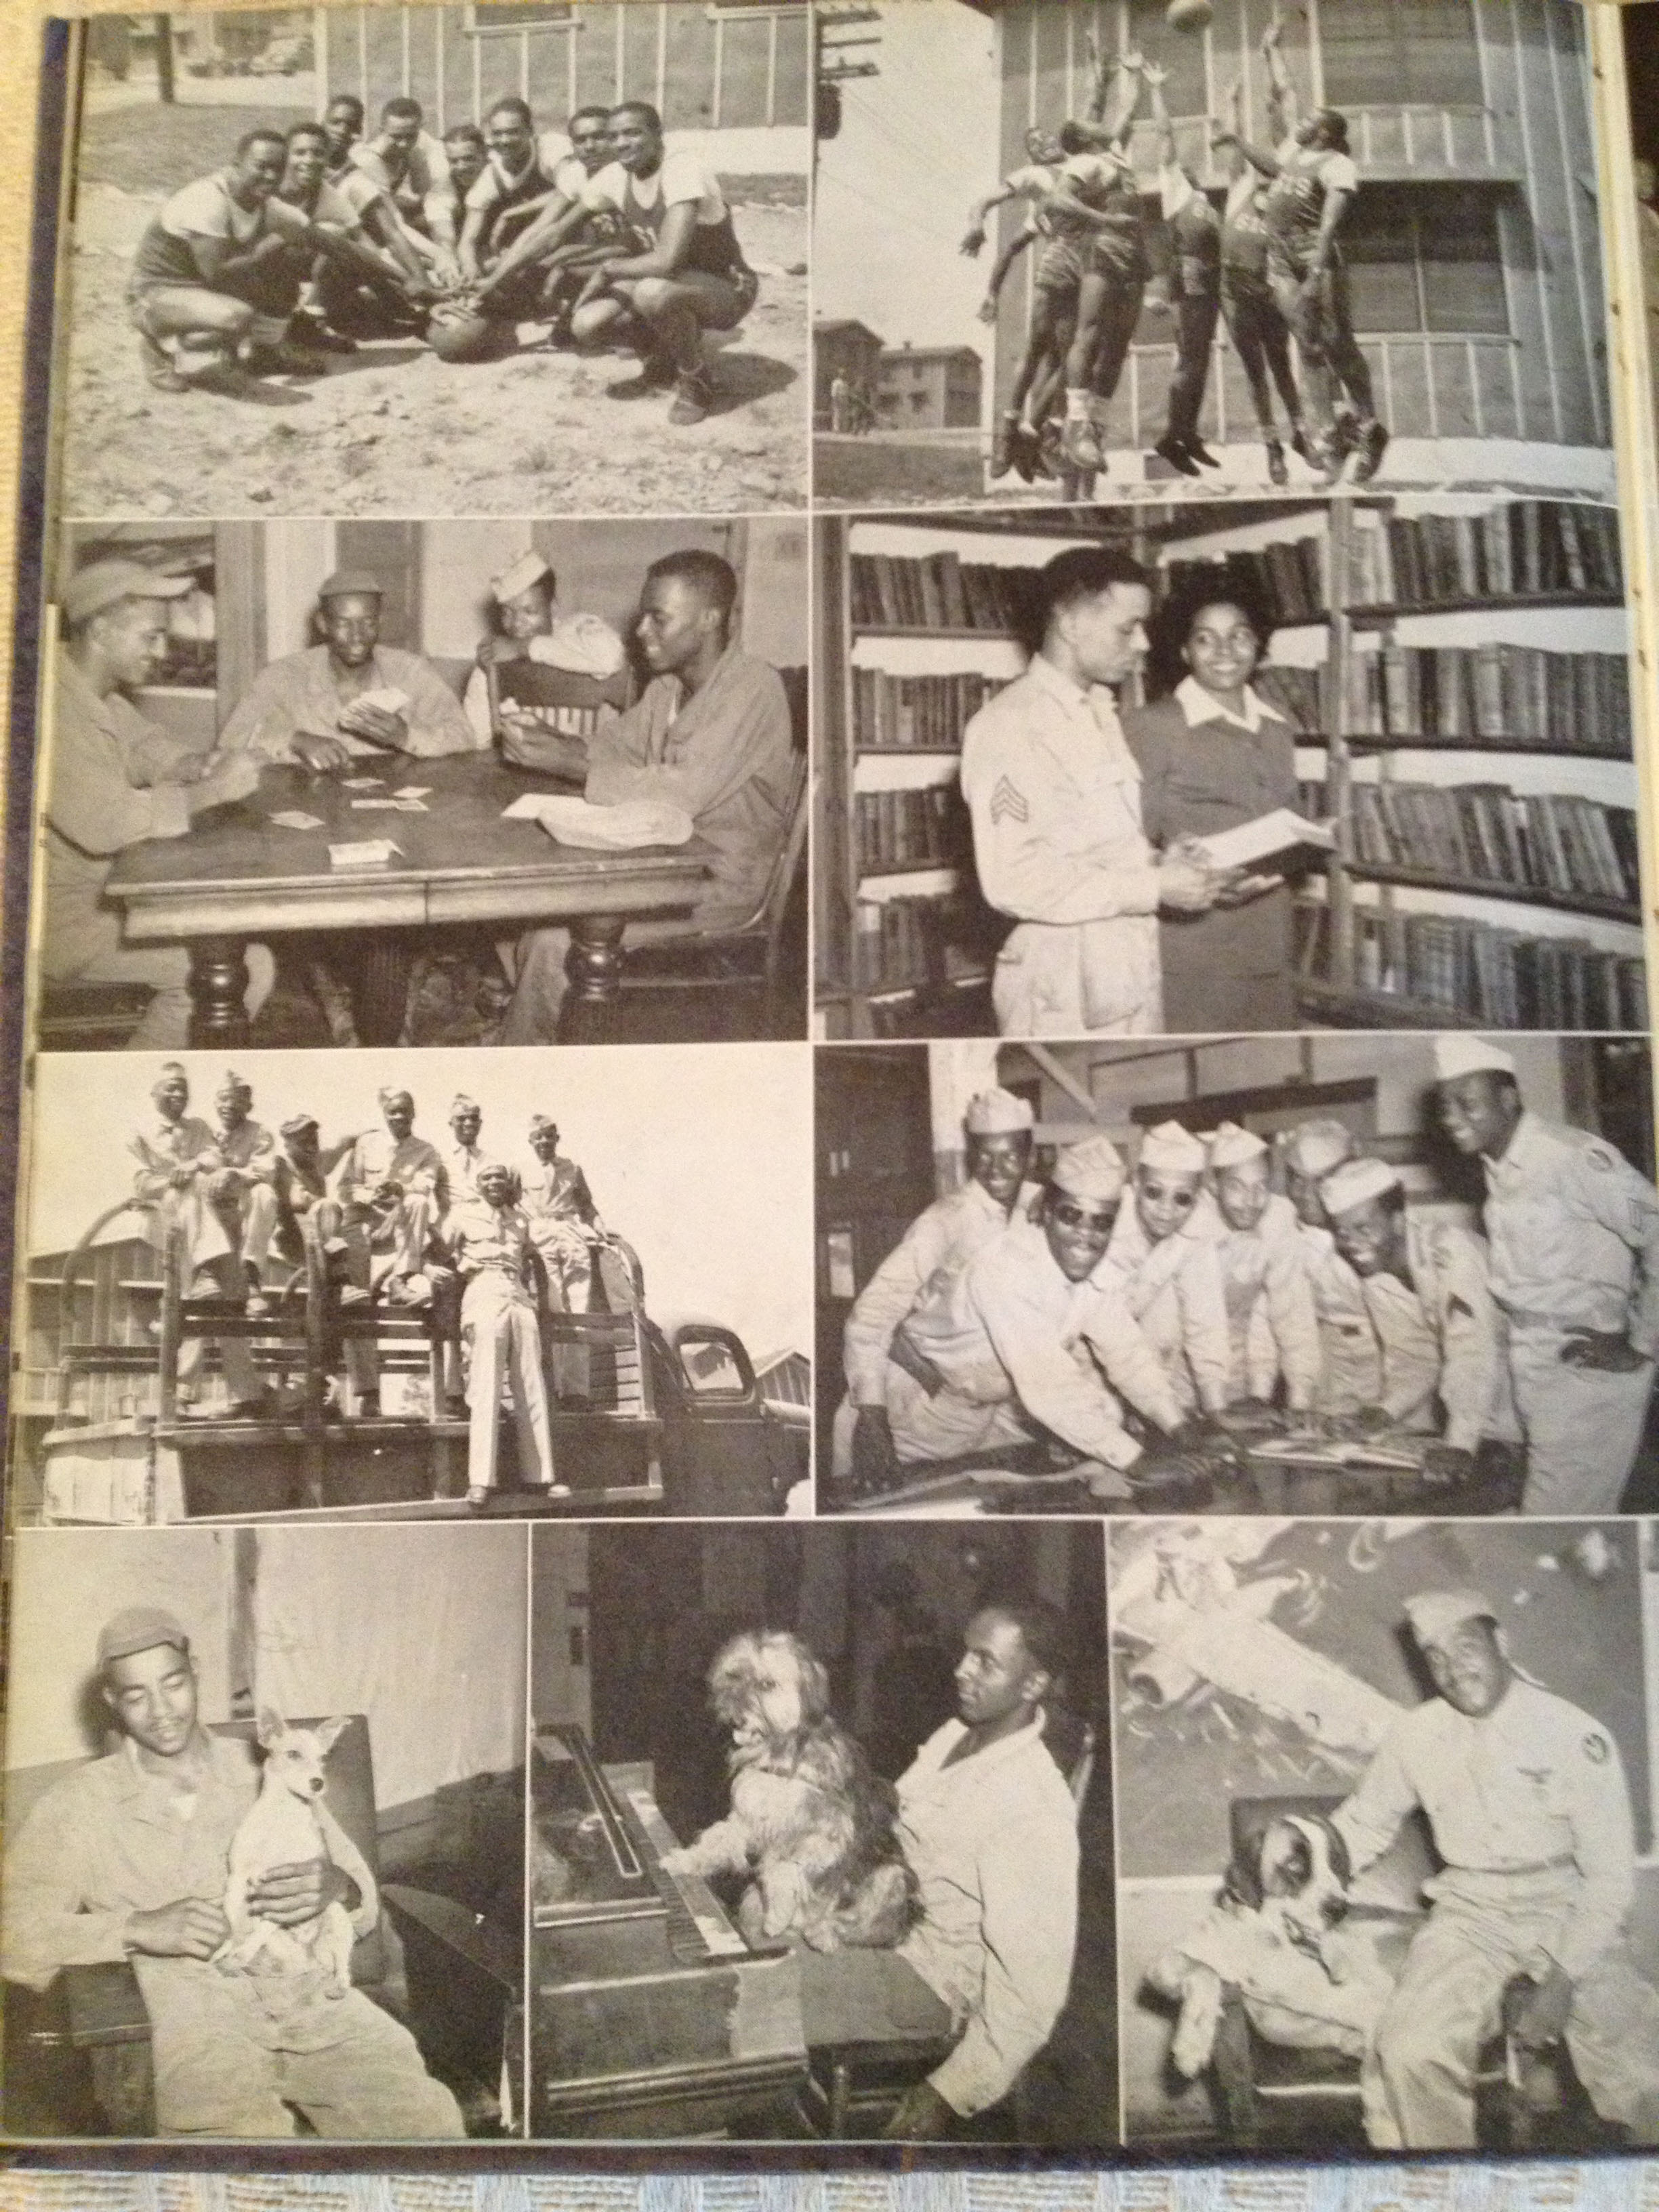 69457b4f28487fc96cfc_Tuskegee_Army_Life_pics.jpg